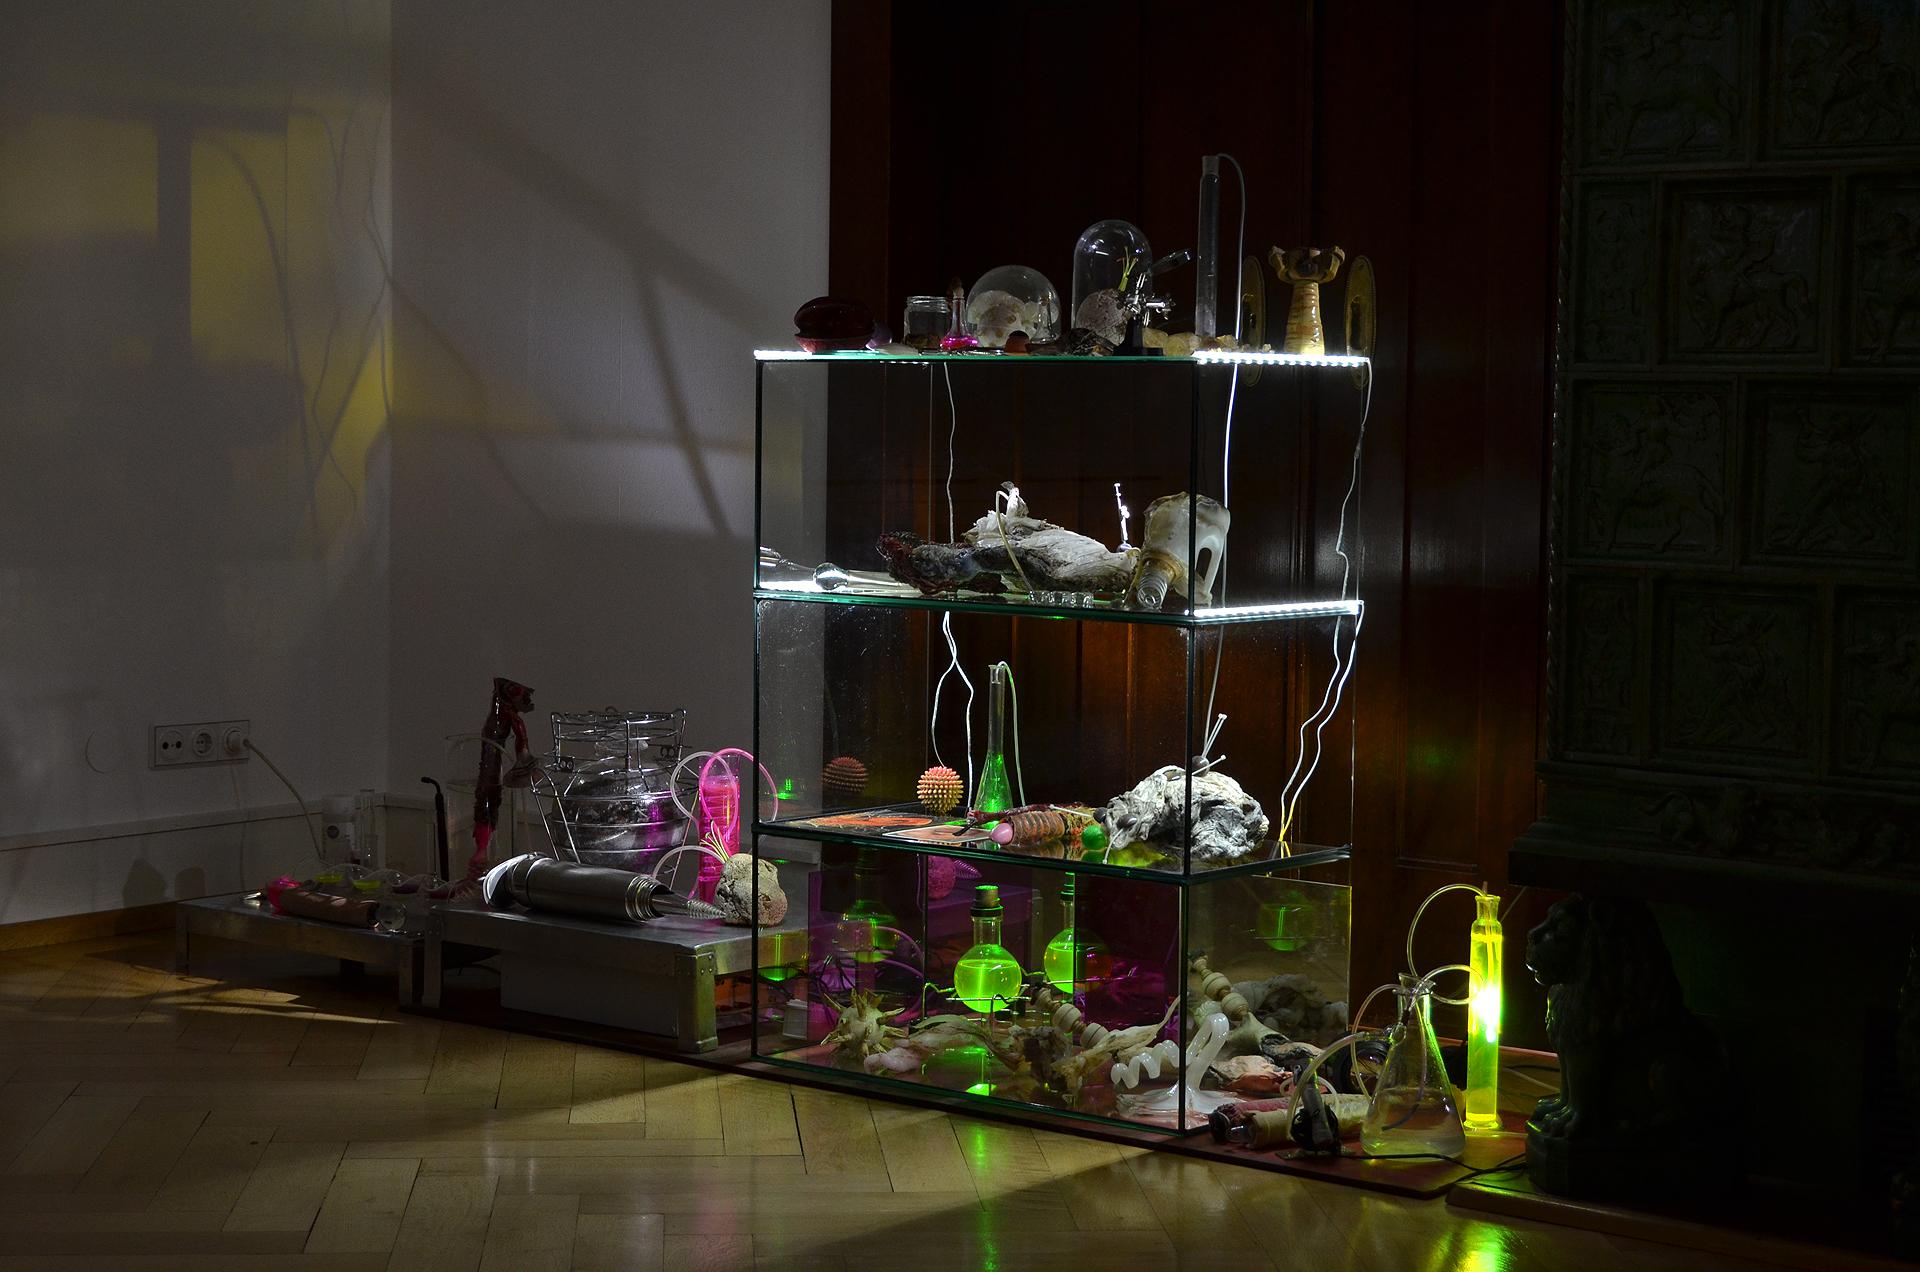 Ausstellungsansicht der Installation Transnature von Stefan Zoellner im Haus am Werderplatz, Heidelberg | Das Labor